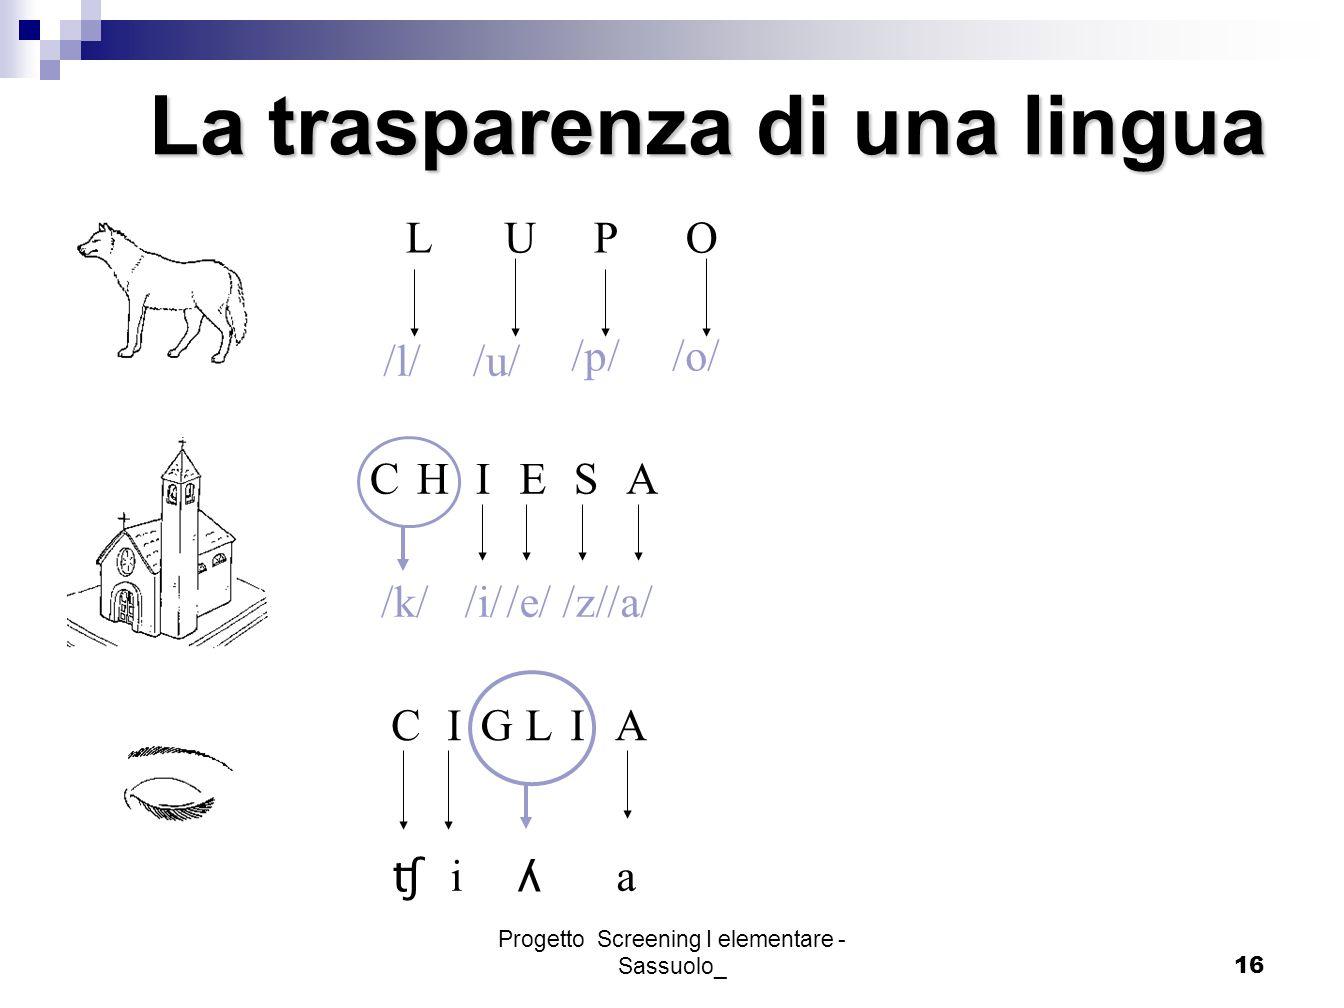 Progetto Screening I elementare - Sassuolo_